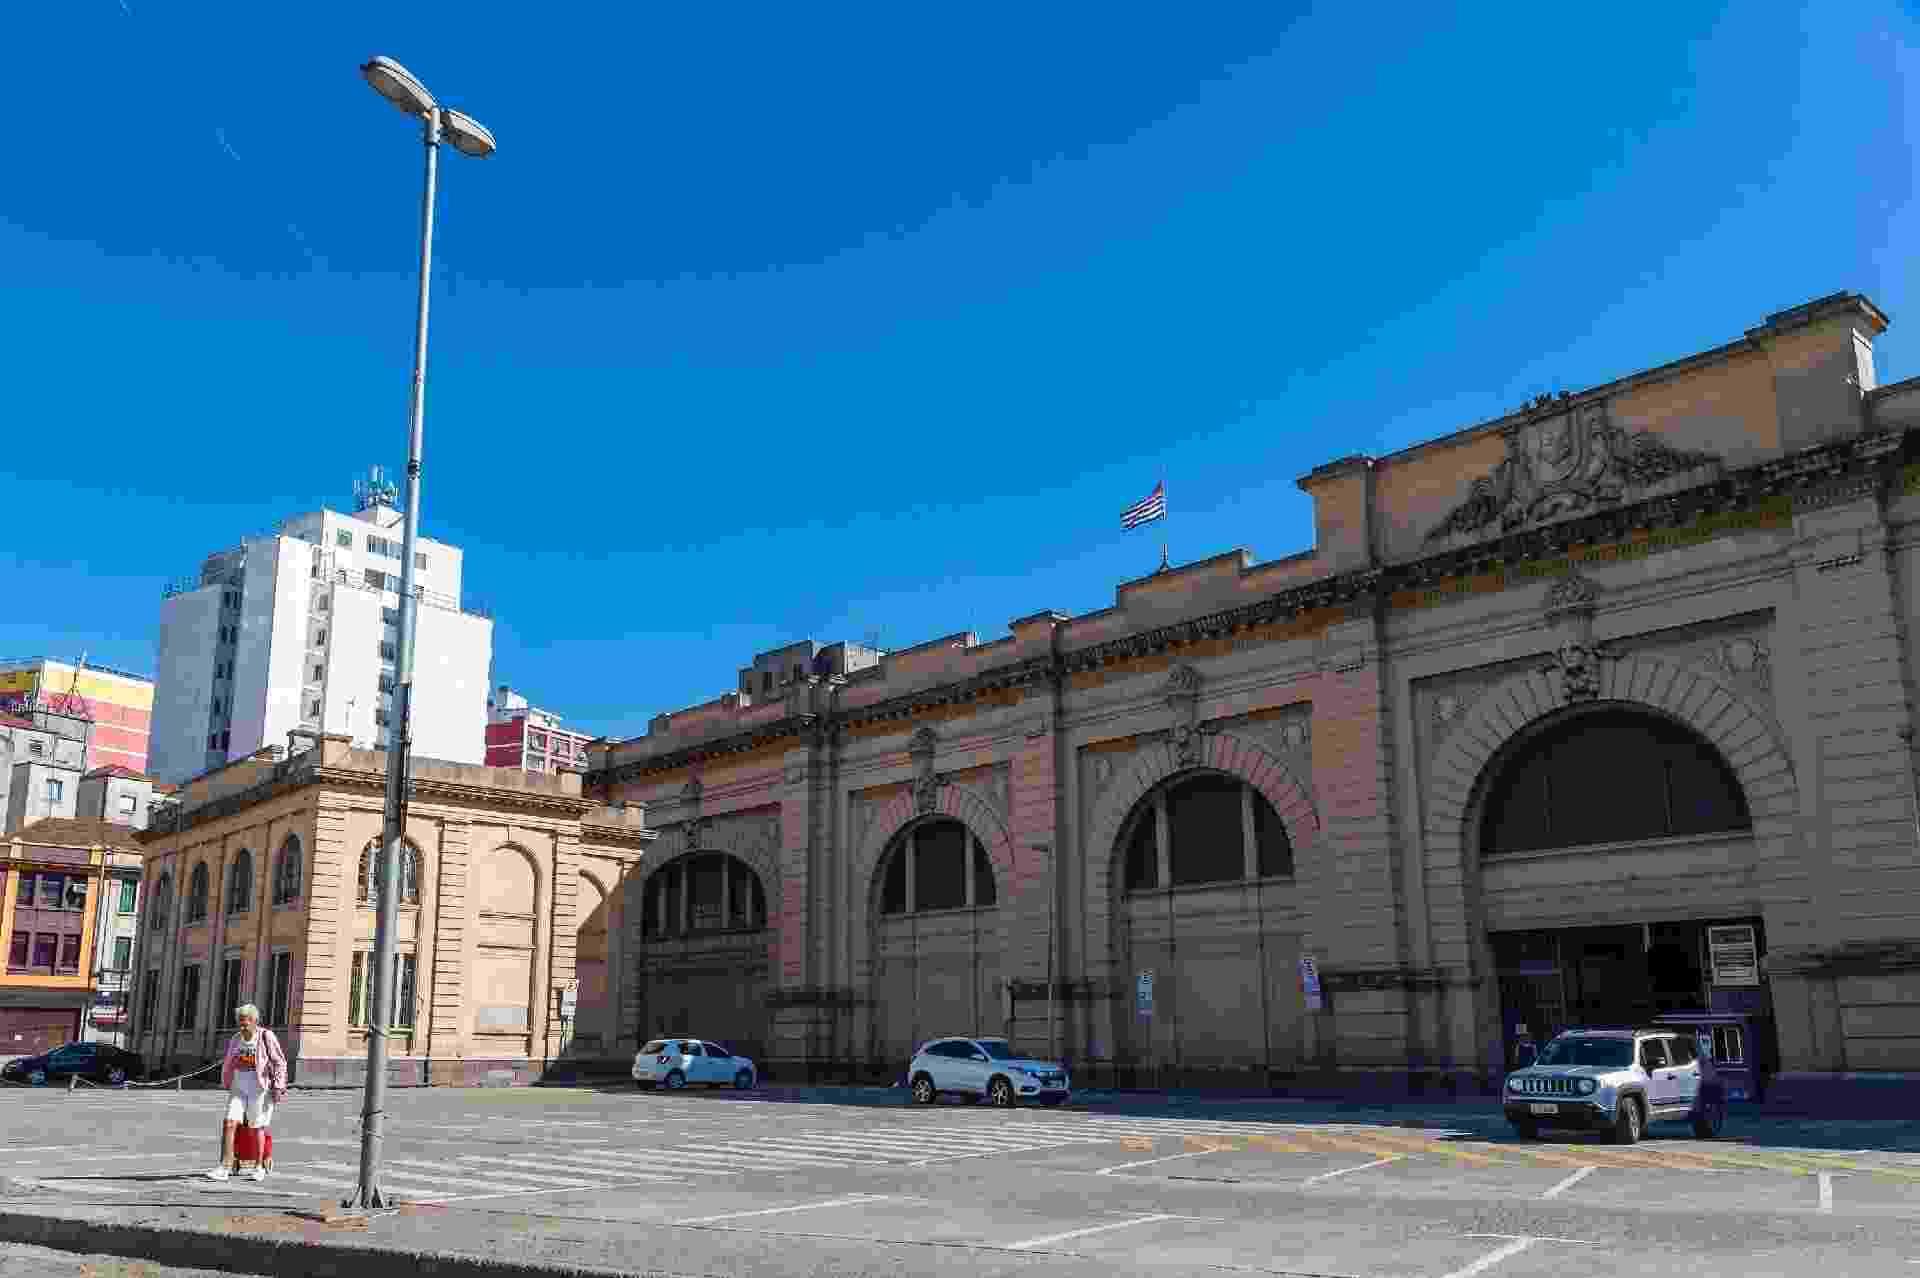 23.mar.2020 - Mercado Municipal de São Paulo, um dos pontos turísticos da cidade, vazio durante a manhã de hoje - Anderson Lira/Frame Photo/Estadão Conteúdo